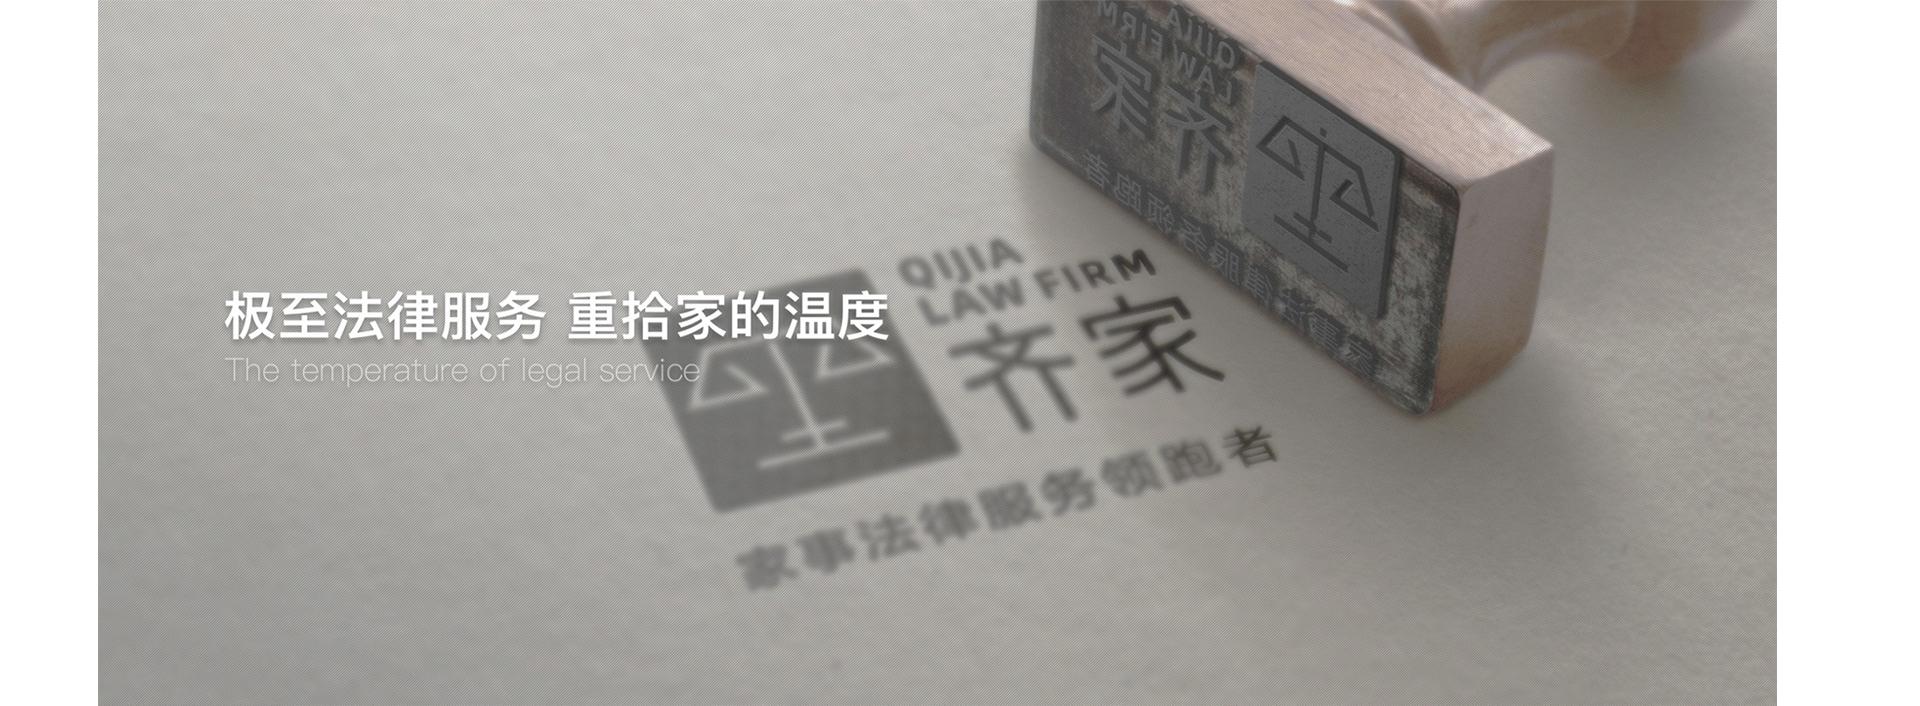 深圳有名离婚律师咨询